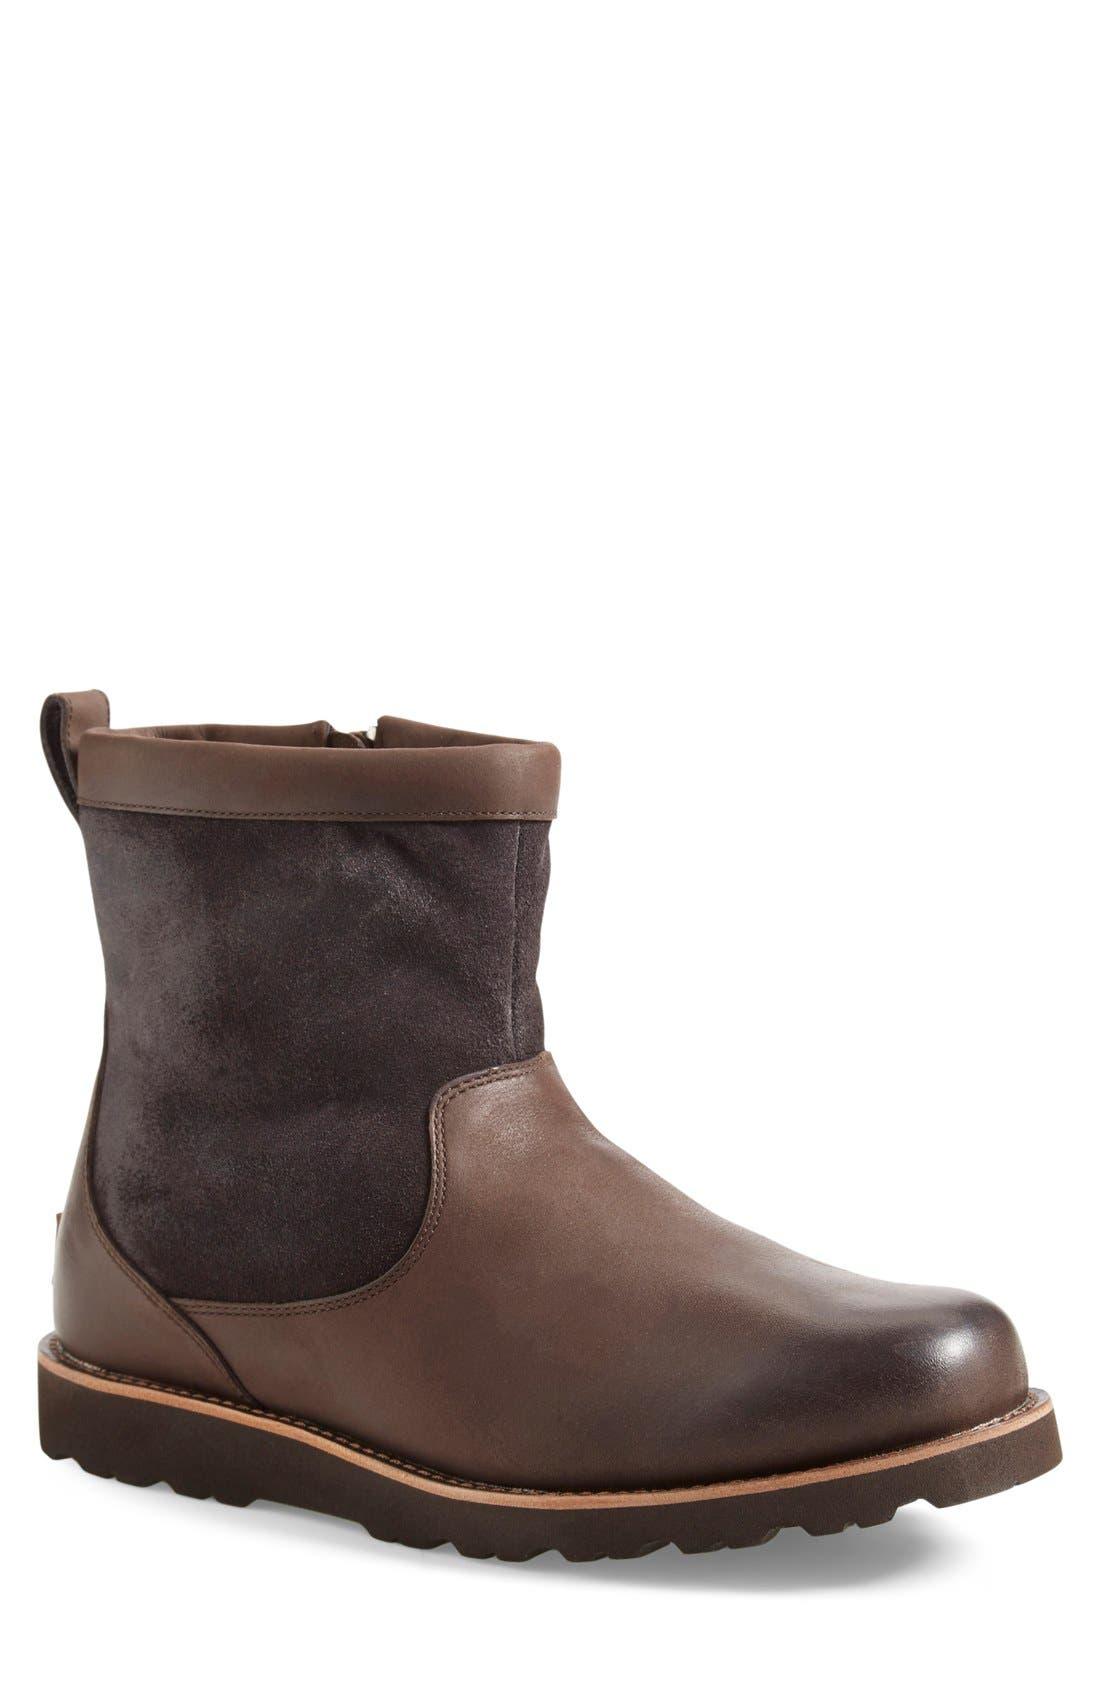 Hendren TL Waterproof Zip Boot, Main, color, STOUT